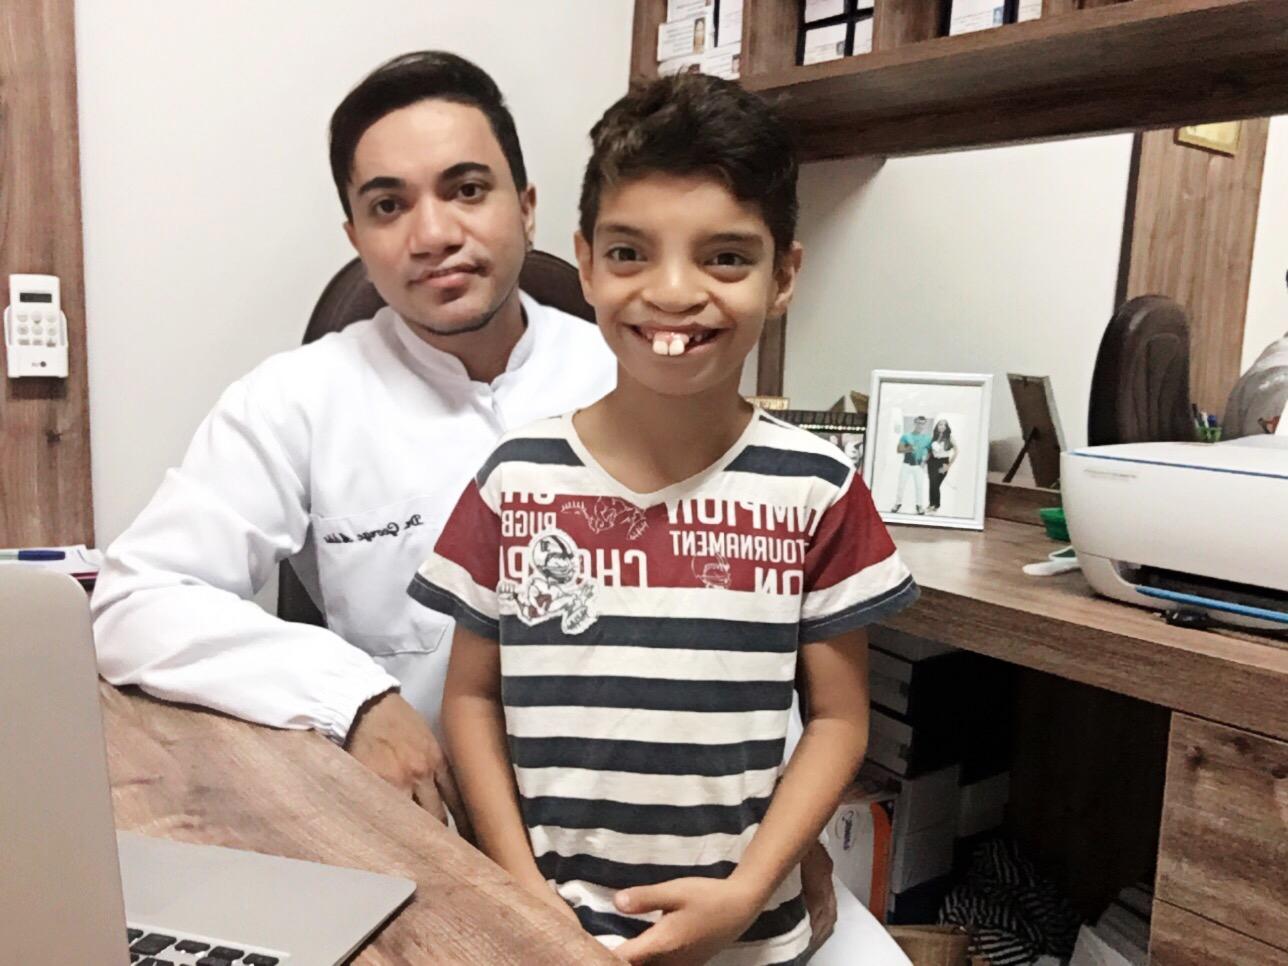 Dentista que teve lábio leporino oferece atendimento gratuito a crianças com a má formação